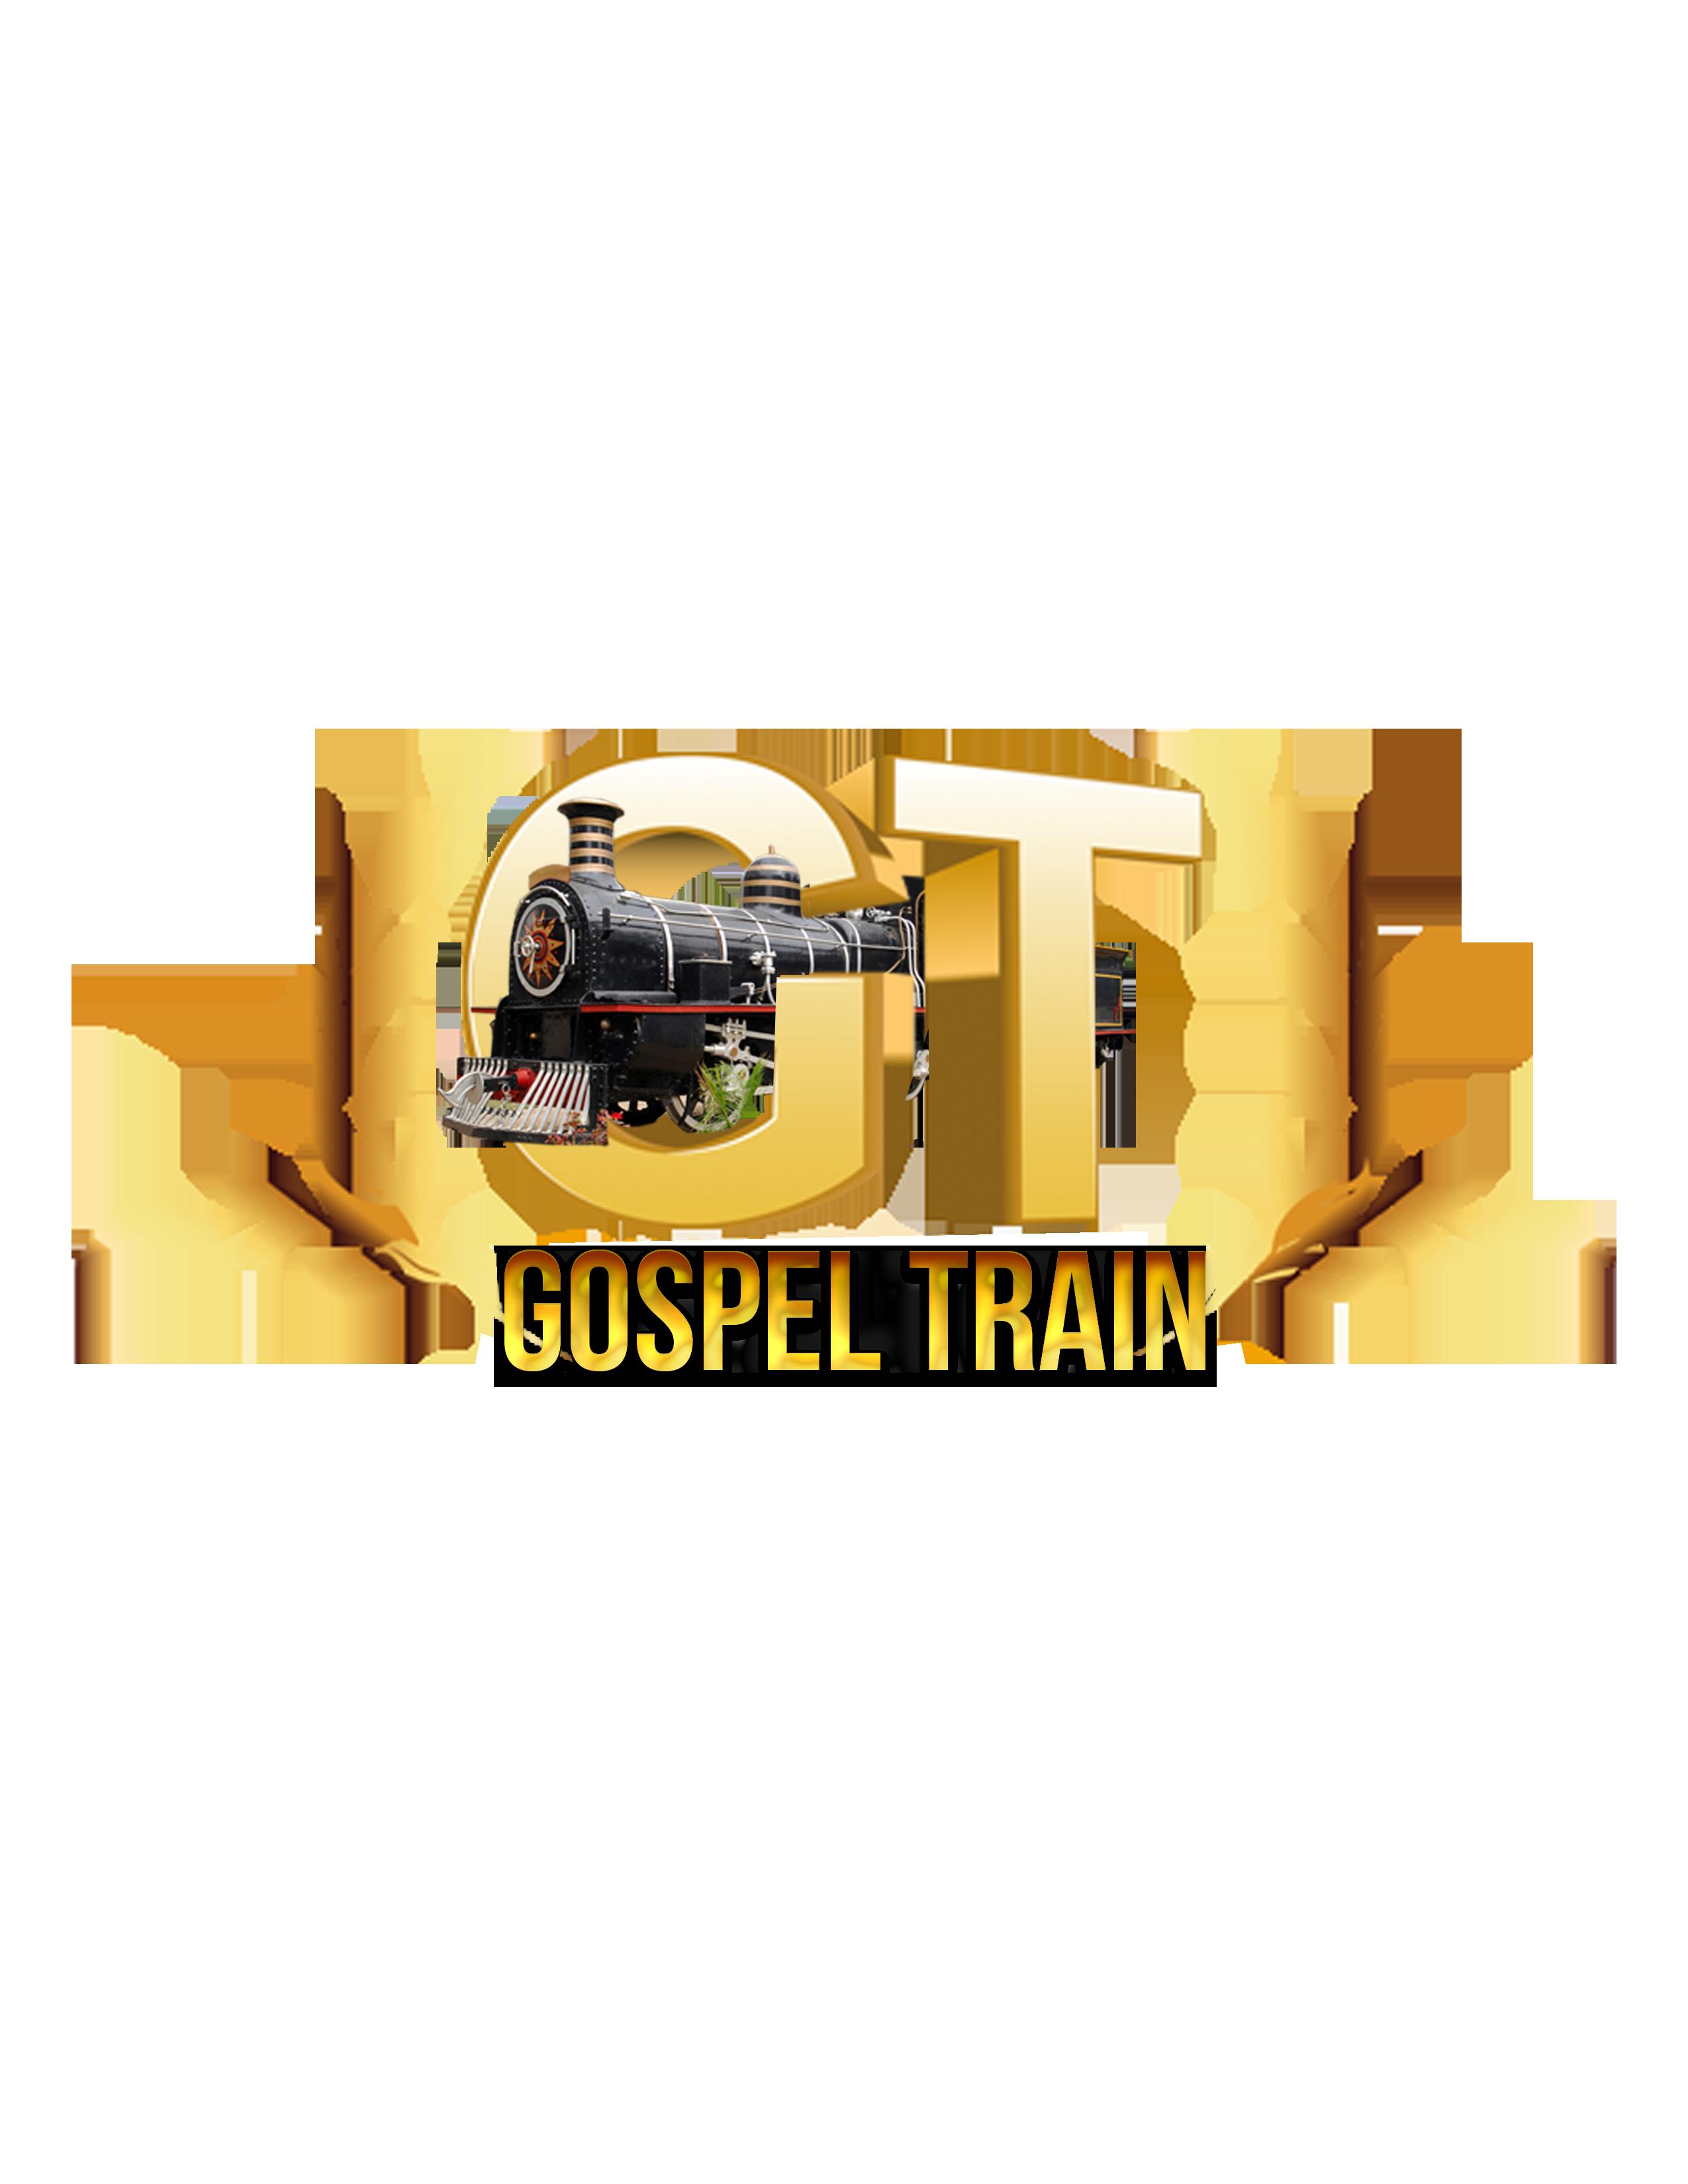 Gospeltrainlive